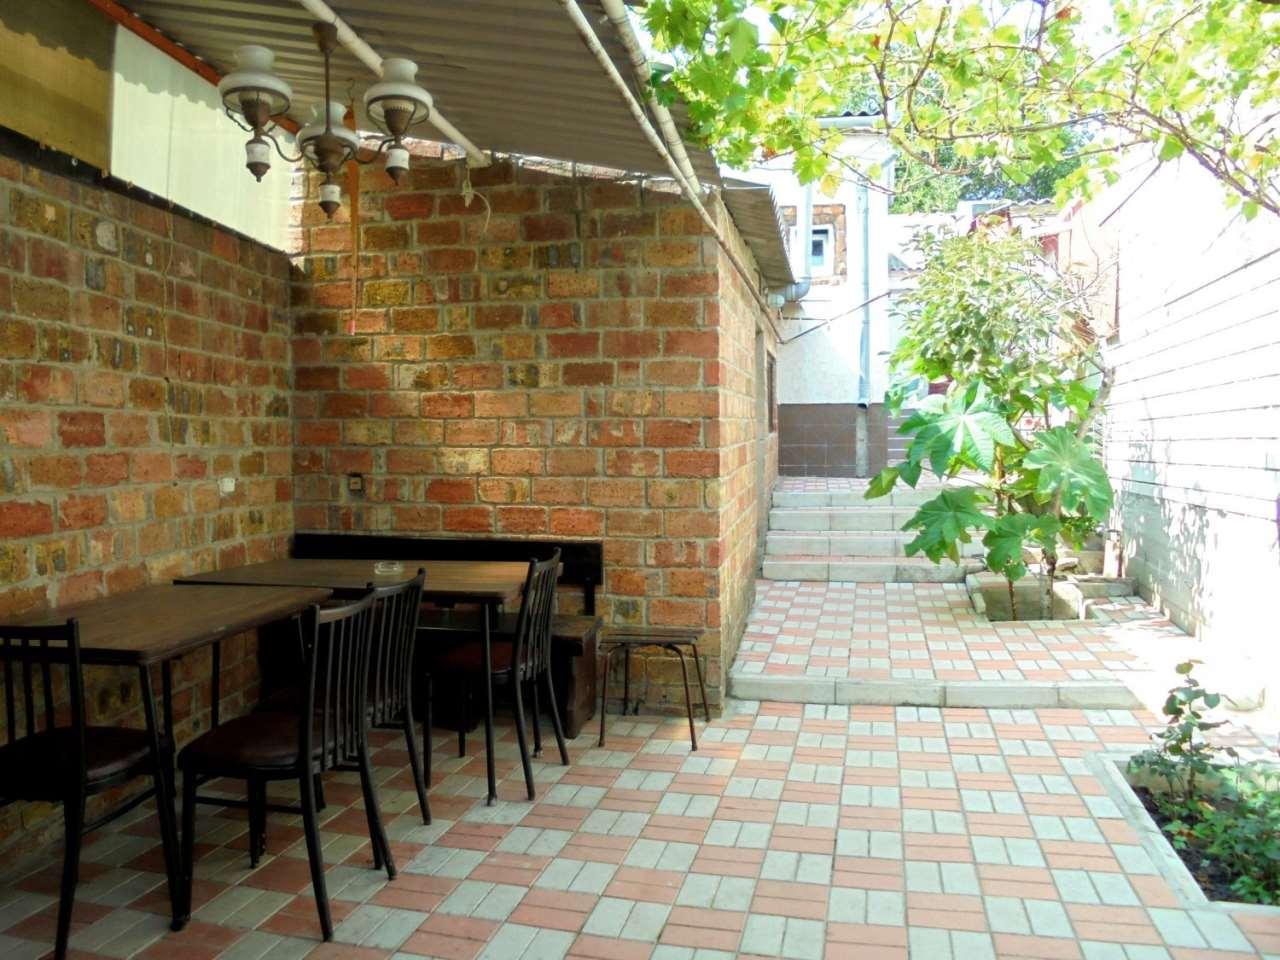 Отдельный трехкомнатный дом со своим закрытым двором и гаражом без хозяев.